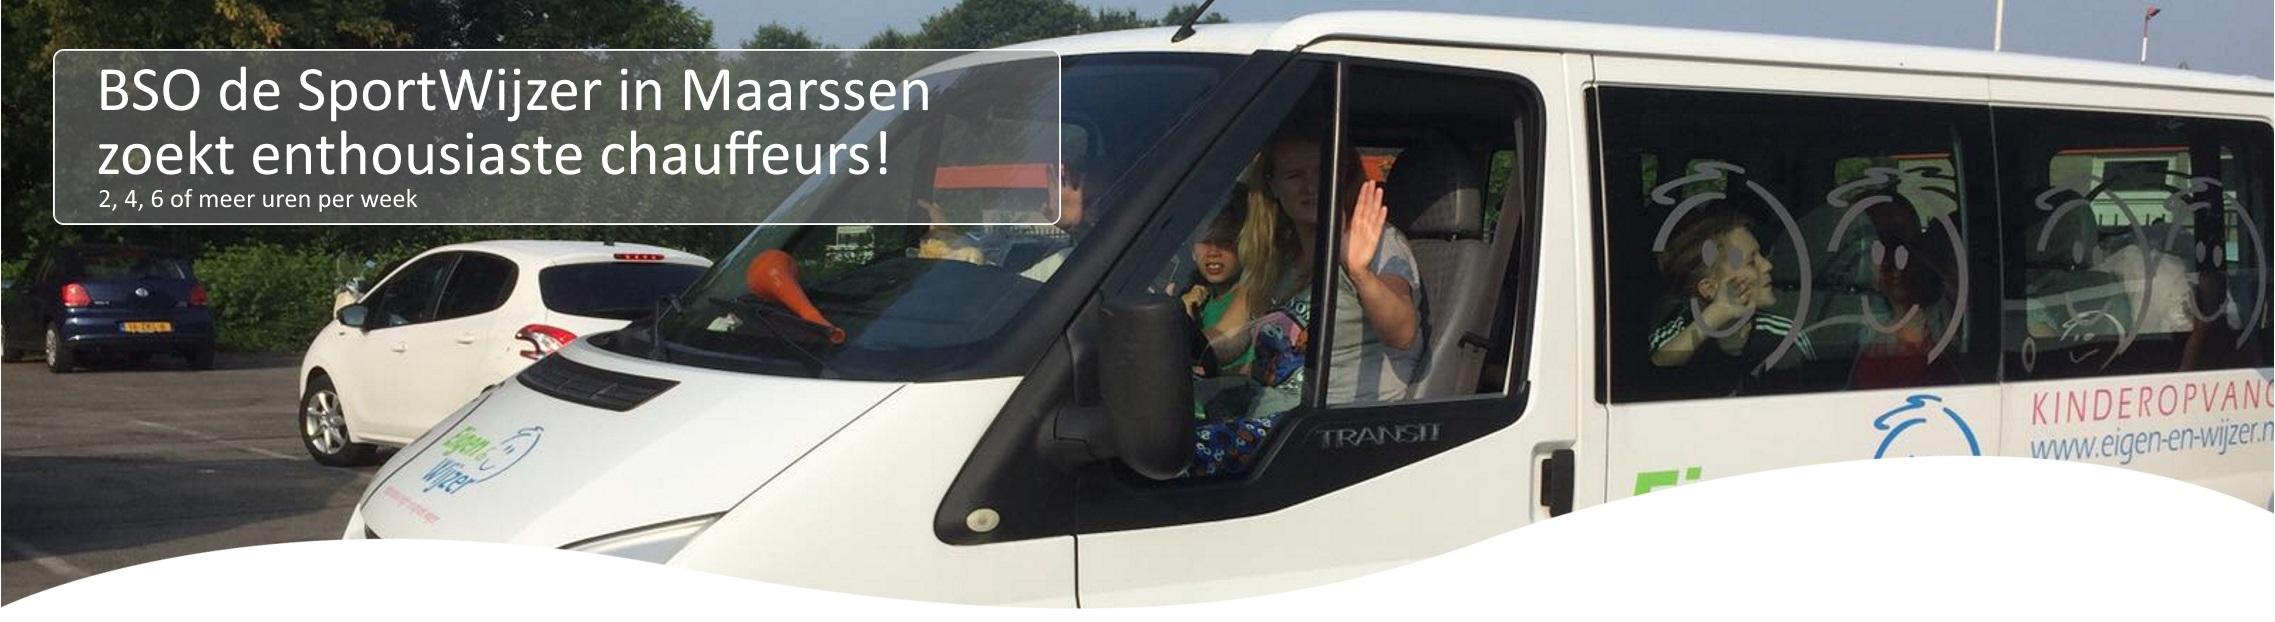 Chauffeur BSO de SportWijzer